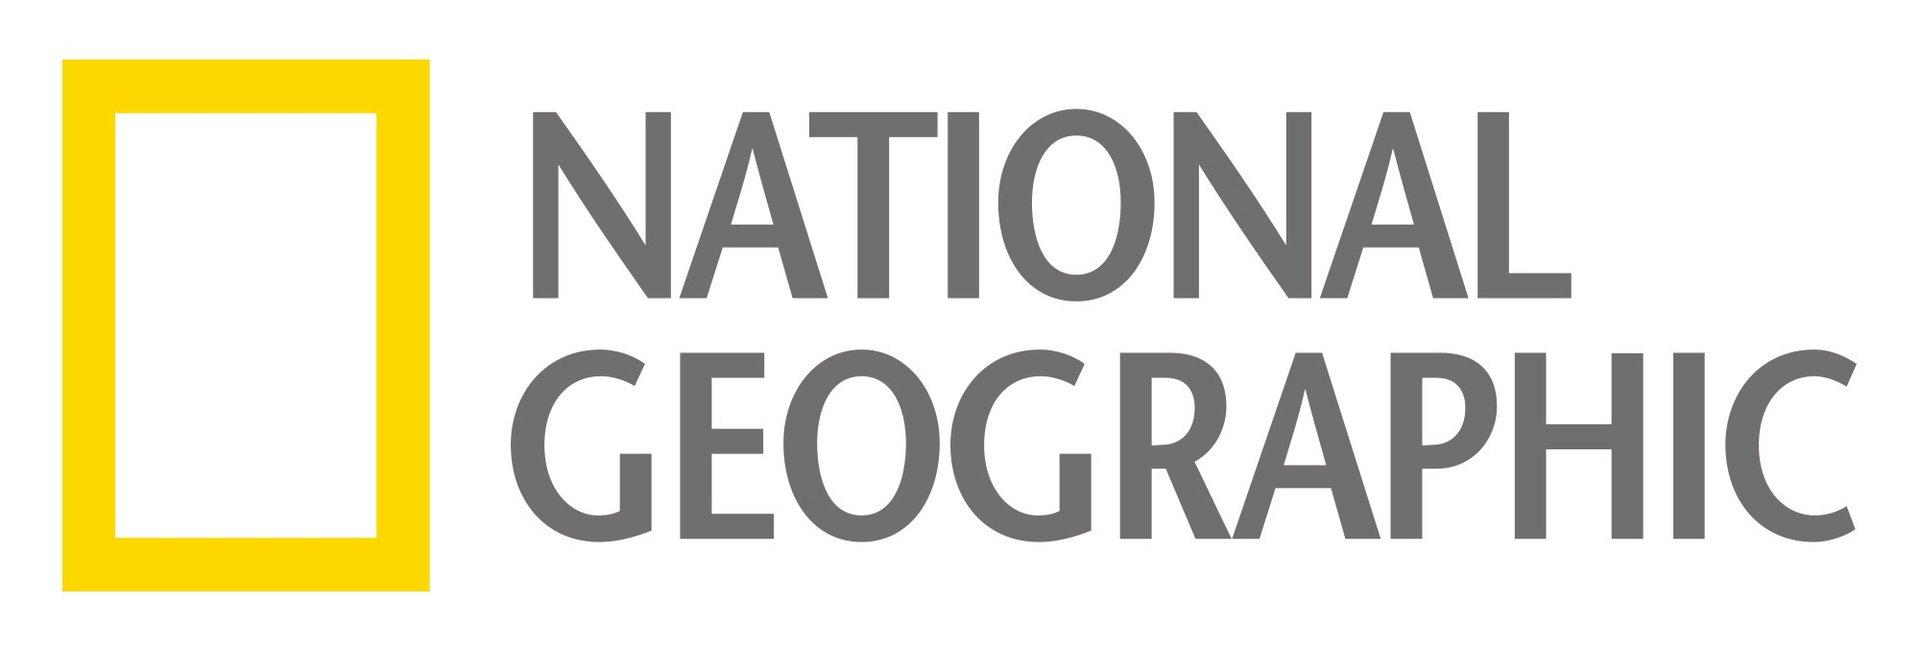 Kanał National Geographic ogłasza, że do zespołu dołączyła nowa redaktor prowadząca, Bernadette McDaid